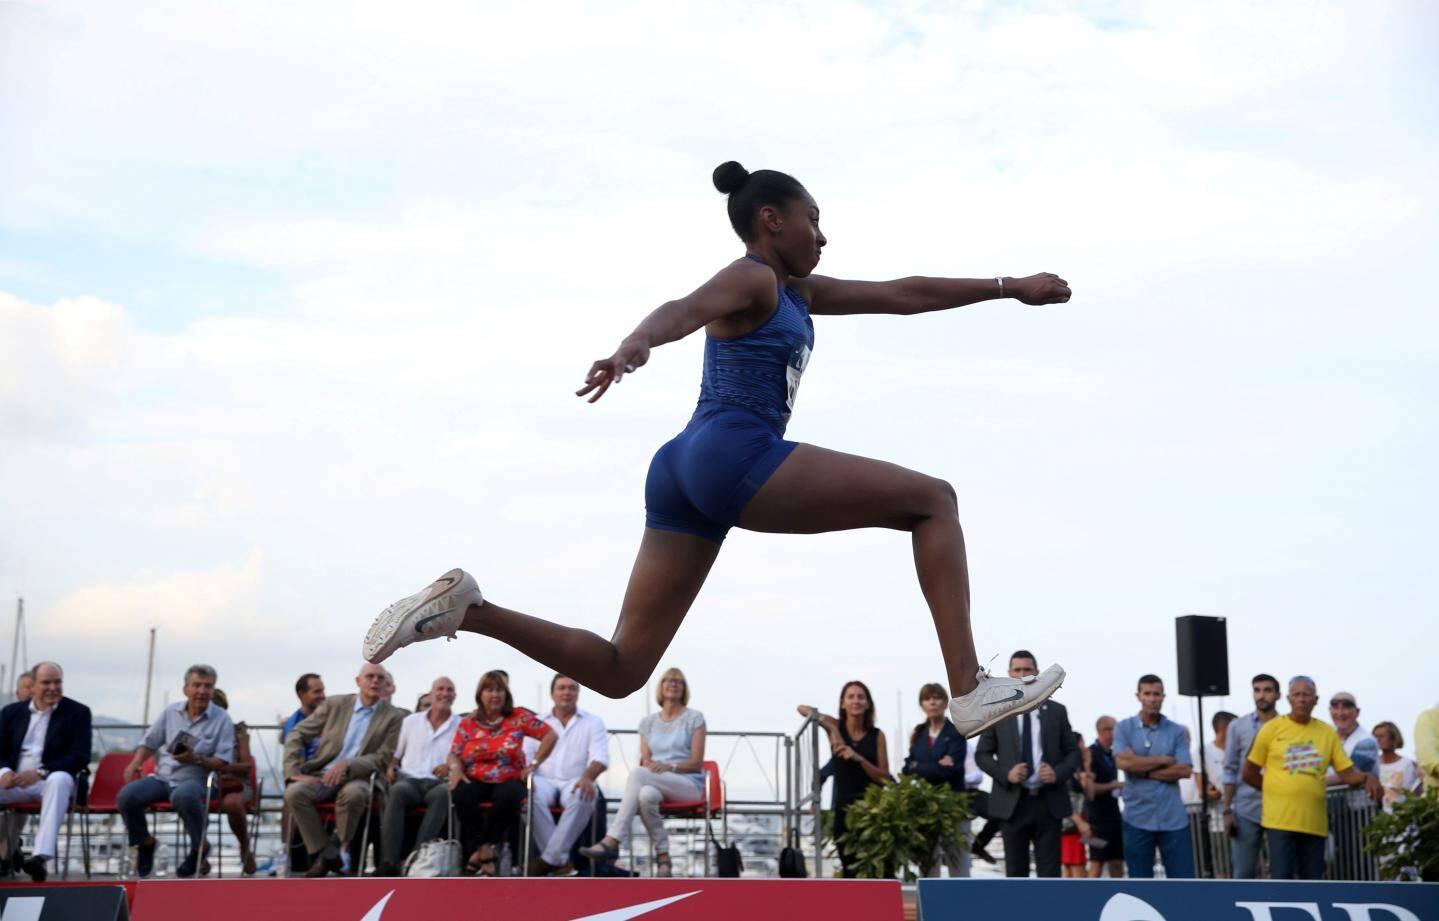 Après le saut à la perche et le lancer du poids, c'est l'épreuve de triple saut féminin du meeting Herculis qui était délocalisée sur le port Hercule en juillet. Et il y avait foule pour observer les championnes aux bottes de sept lieues.